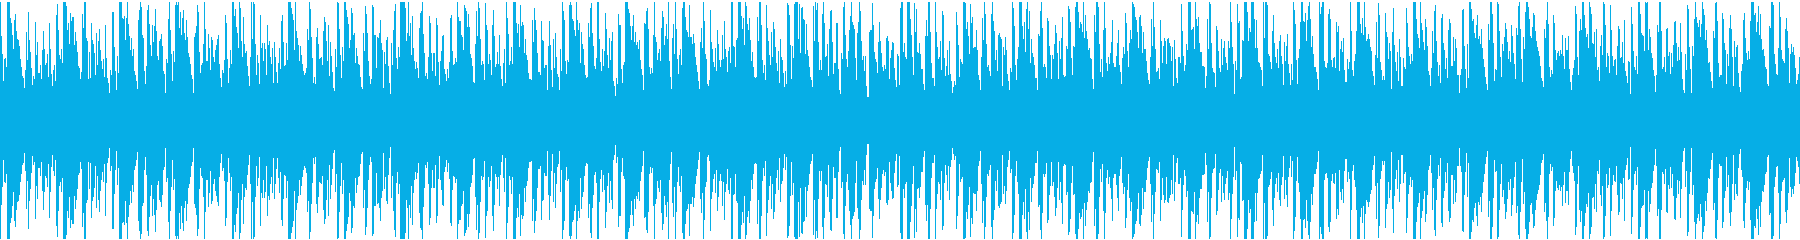 ノリの良いEDMループの再生済みの波形